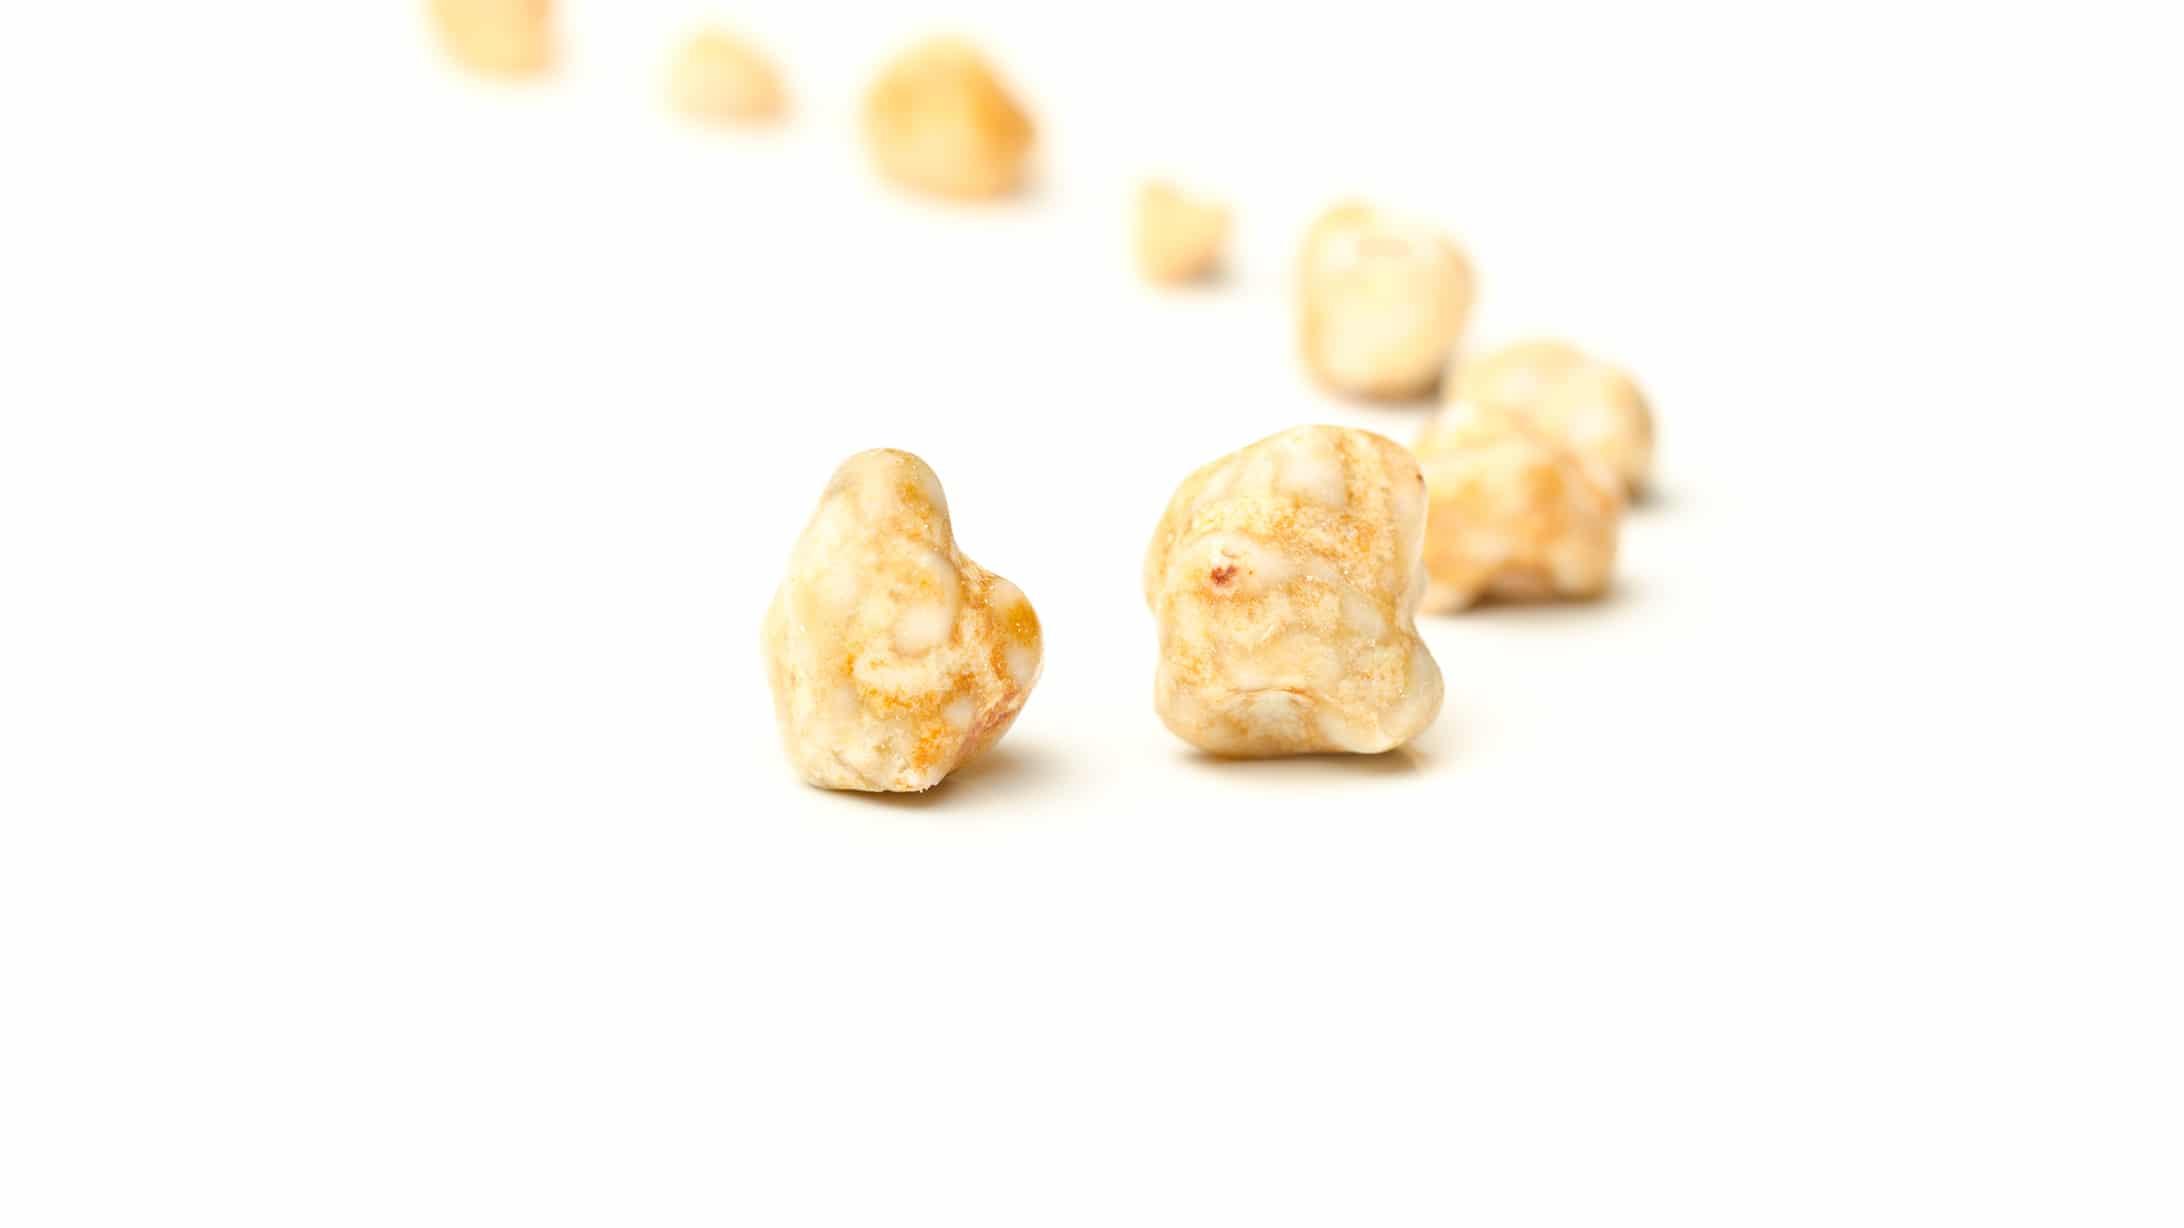 Abbildung von hintereinandergereihten Gallensteinen